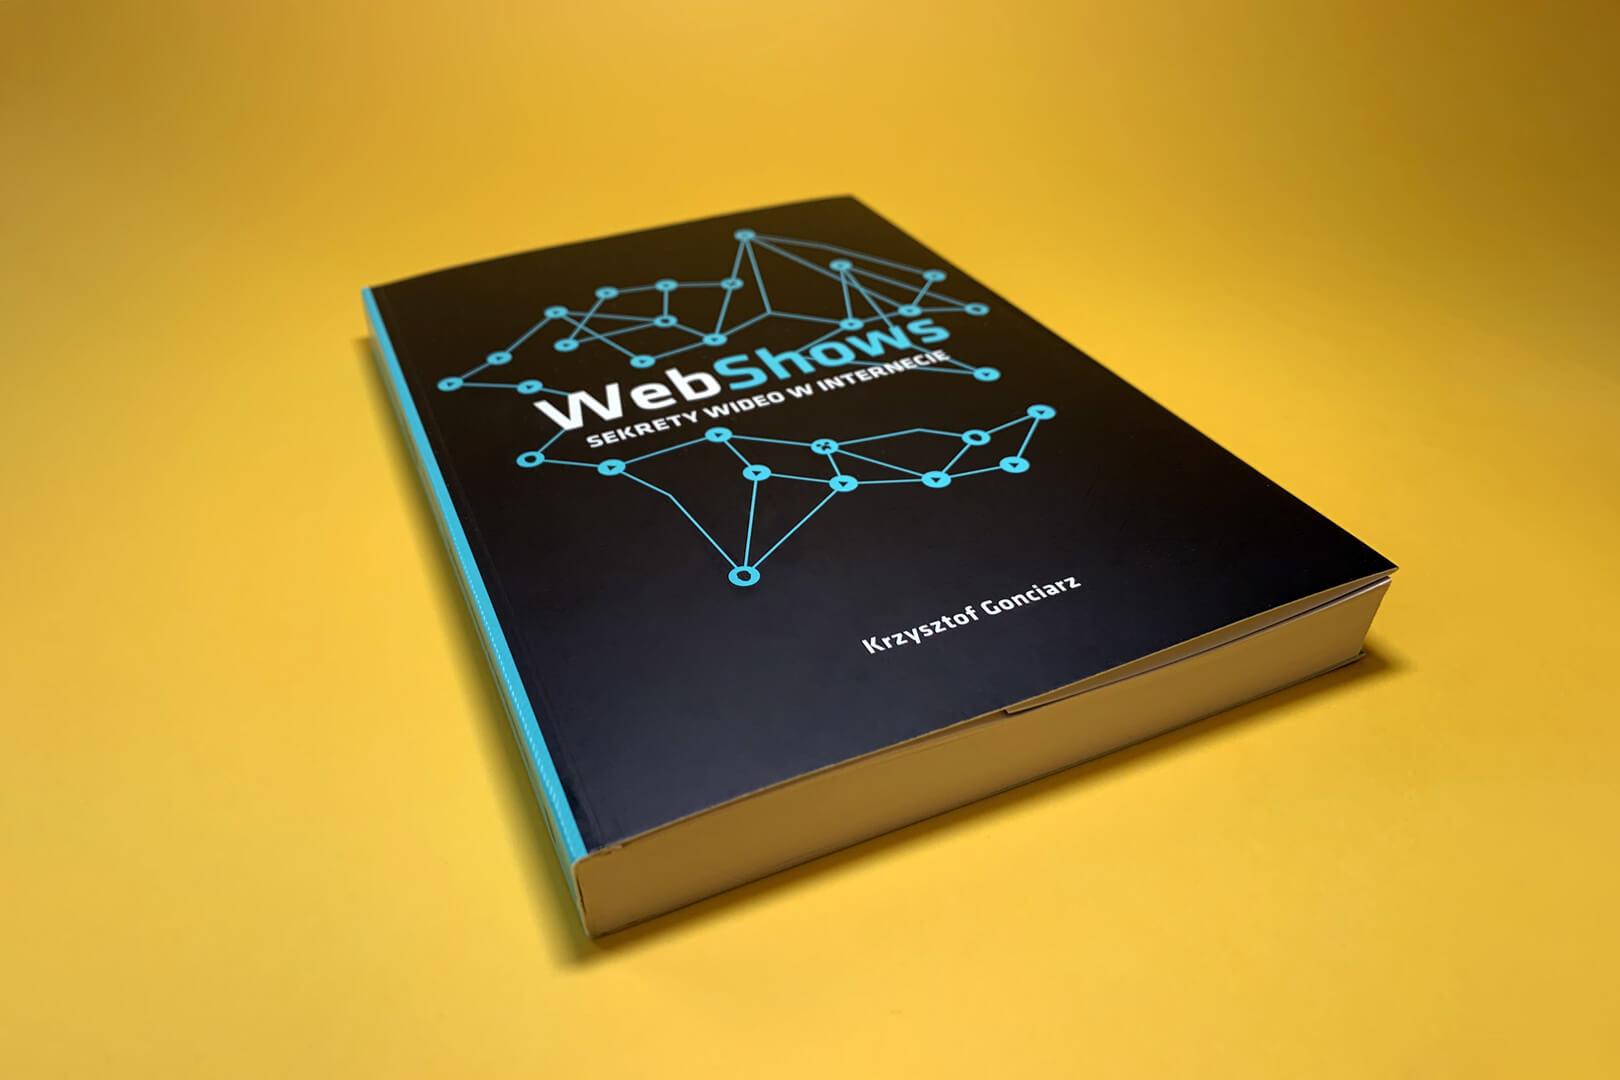 Zdjęcie książki WebShows Krzysztofa Gonciarza